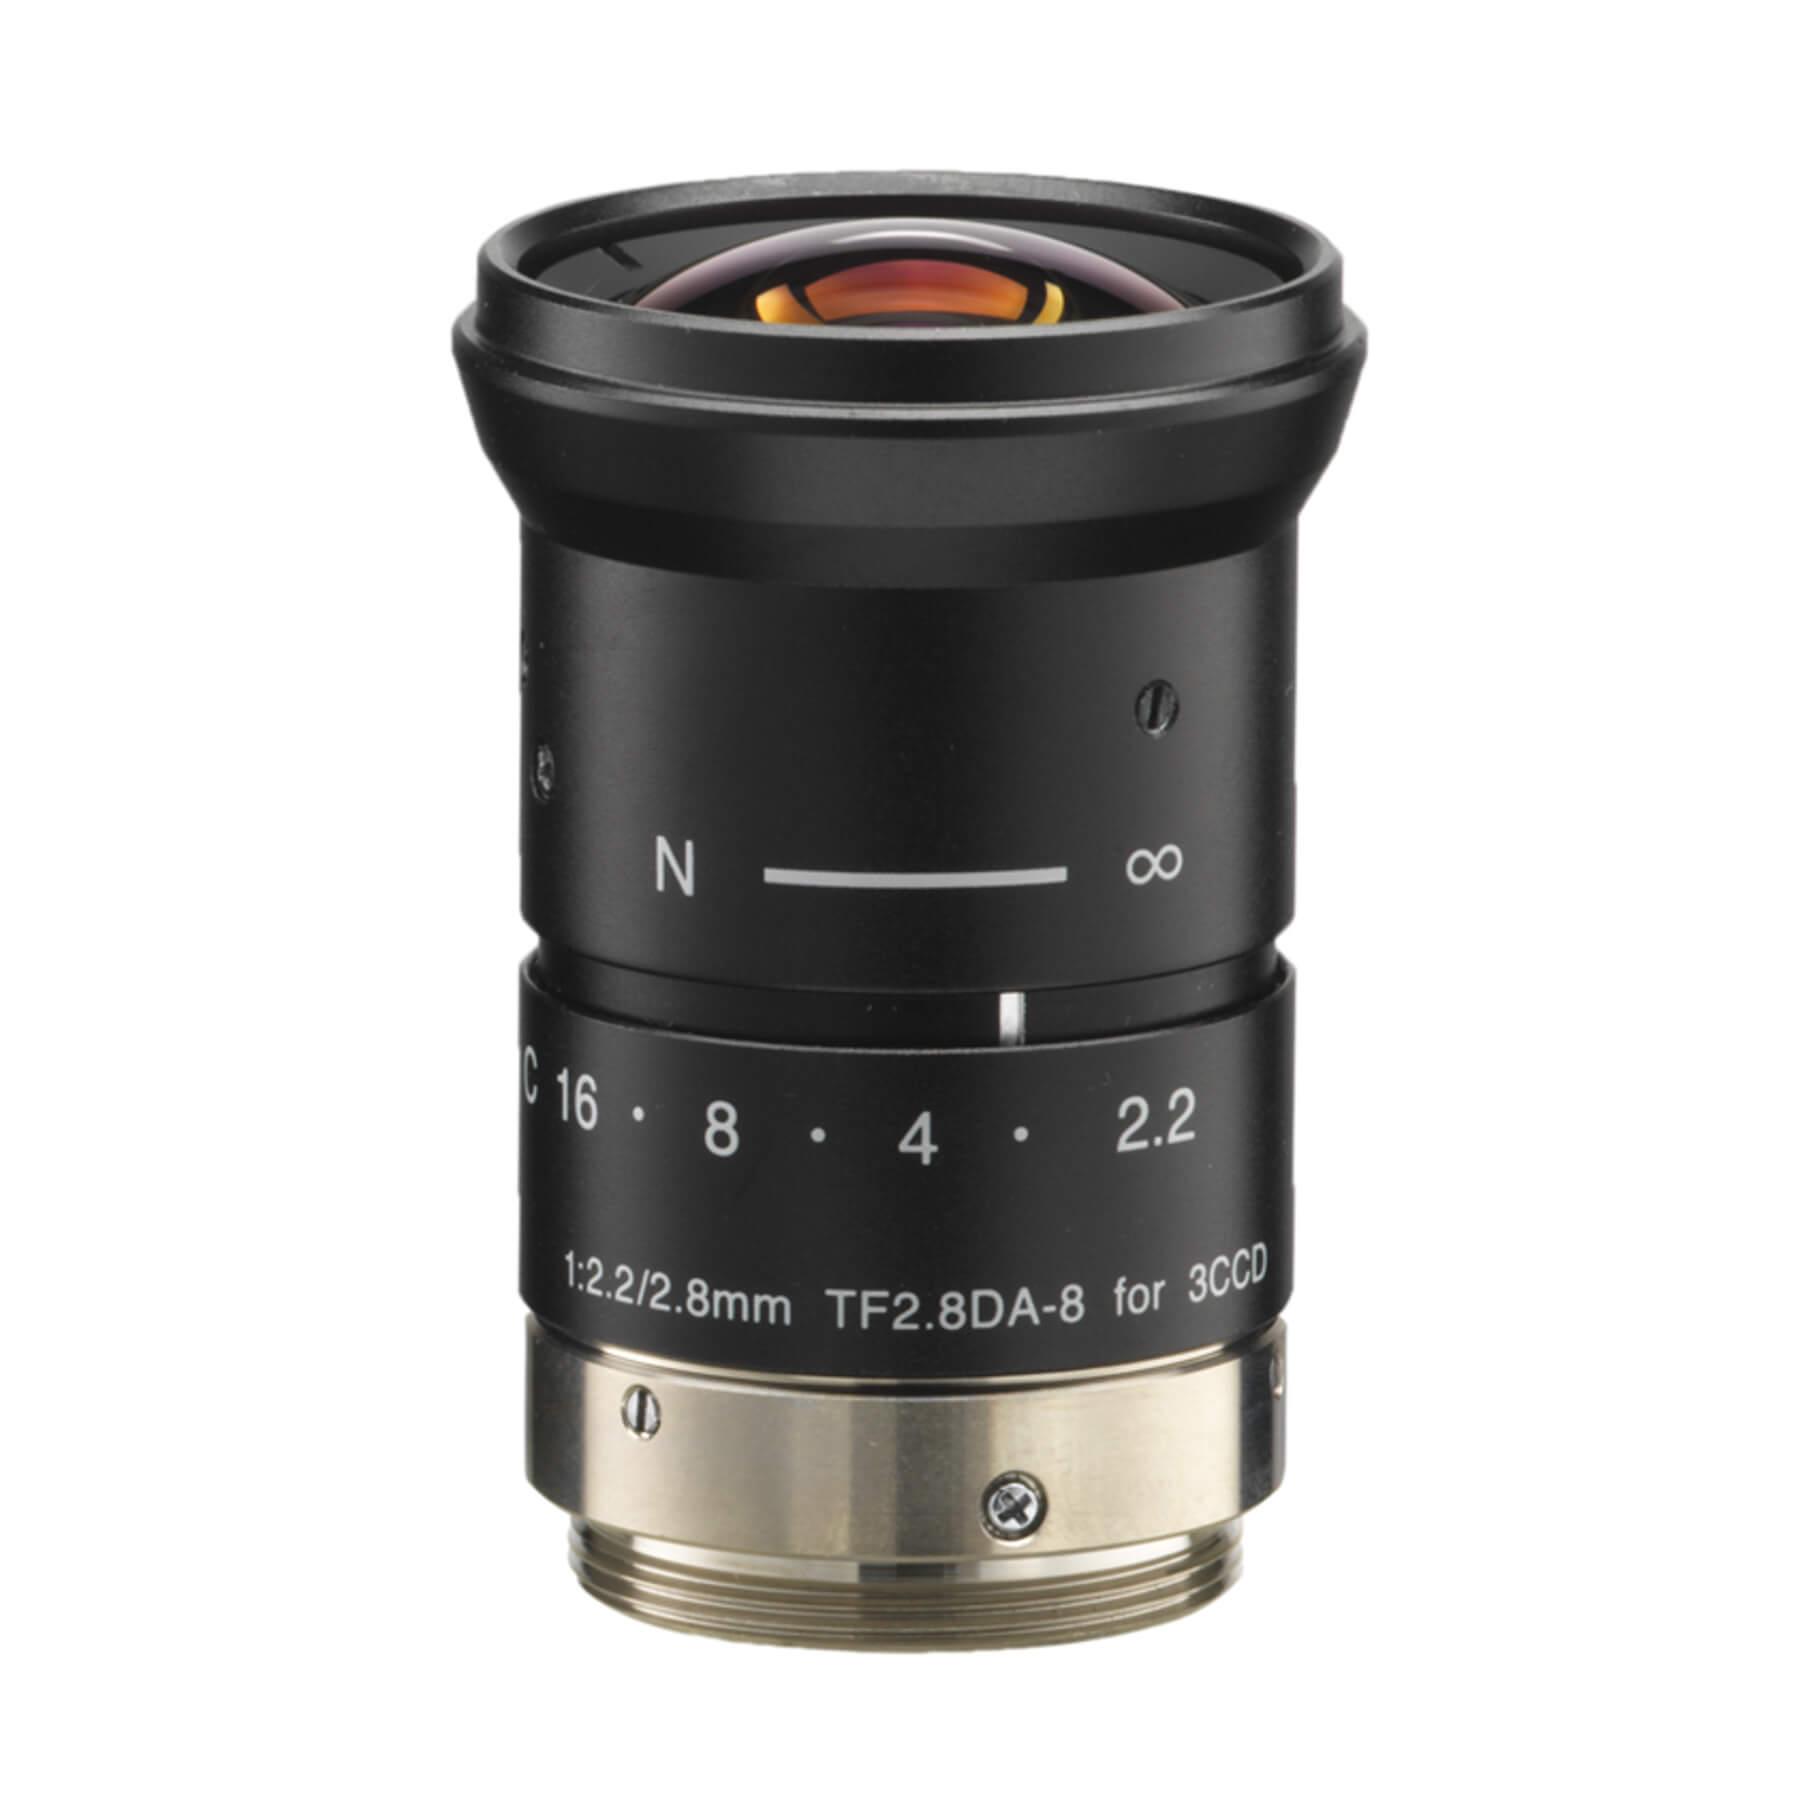 3 CCDCMOS Lenses tf2